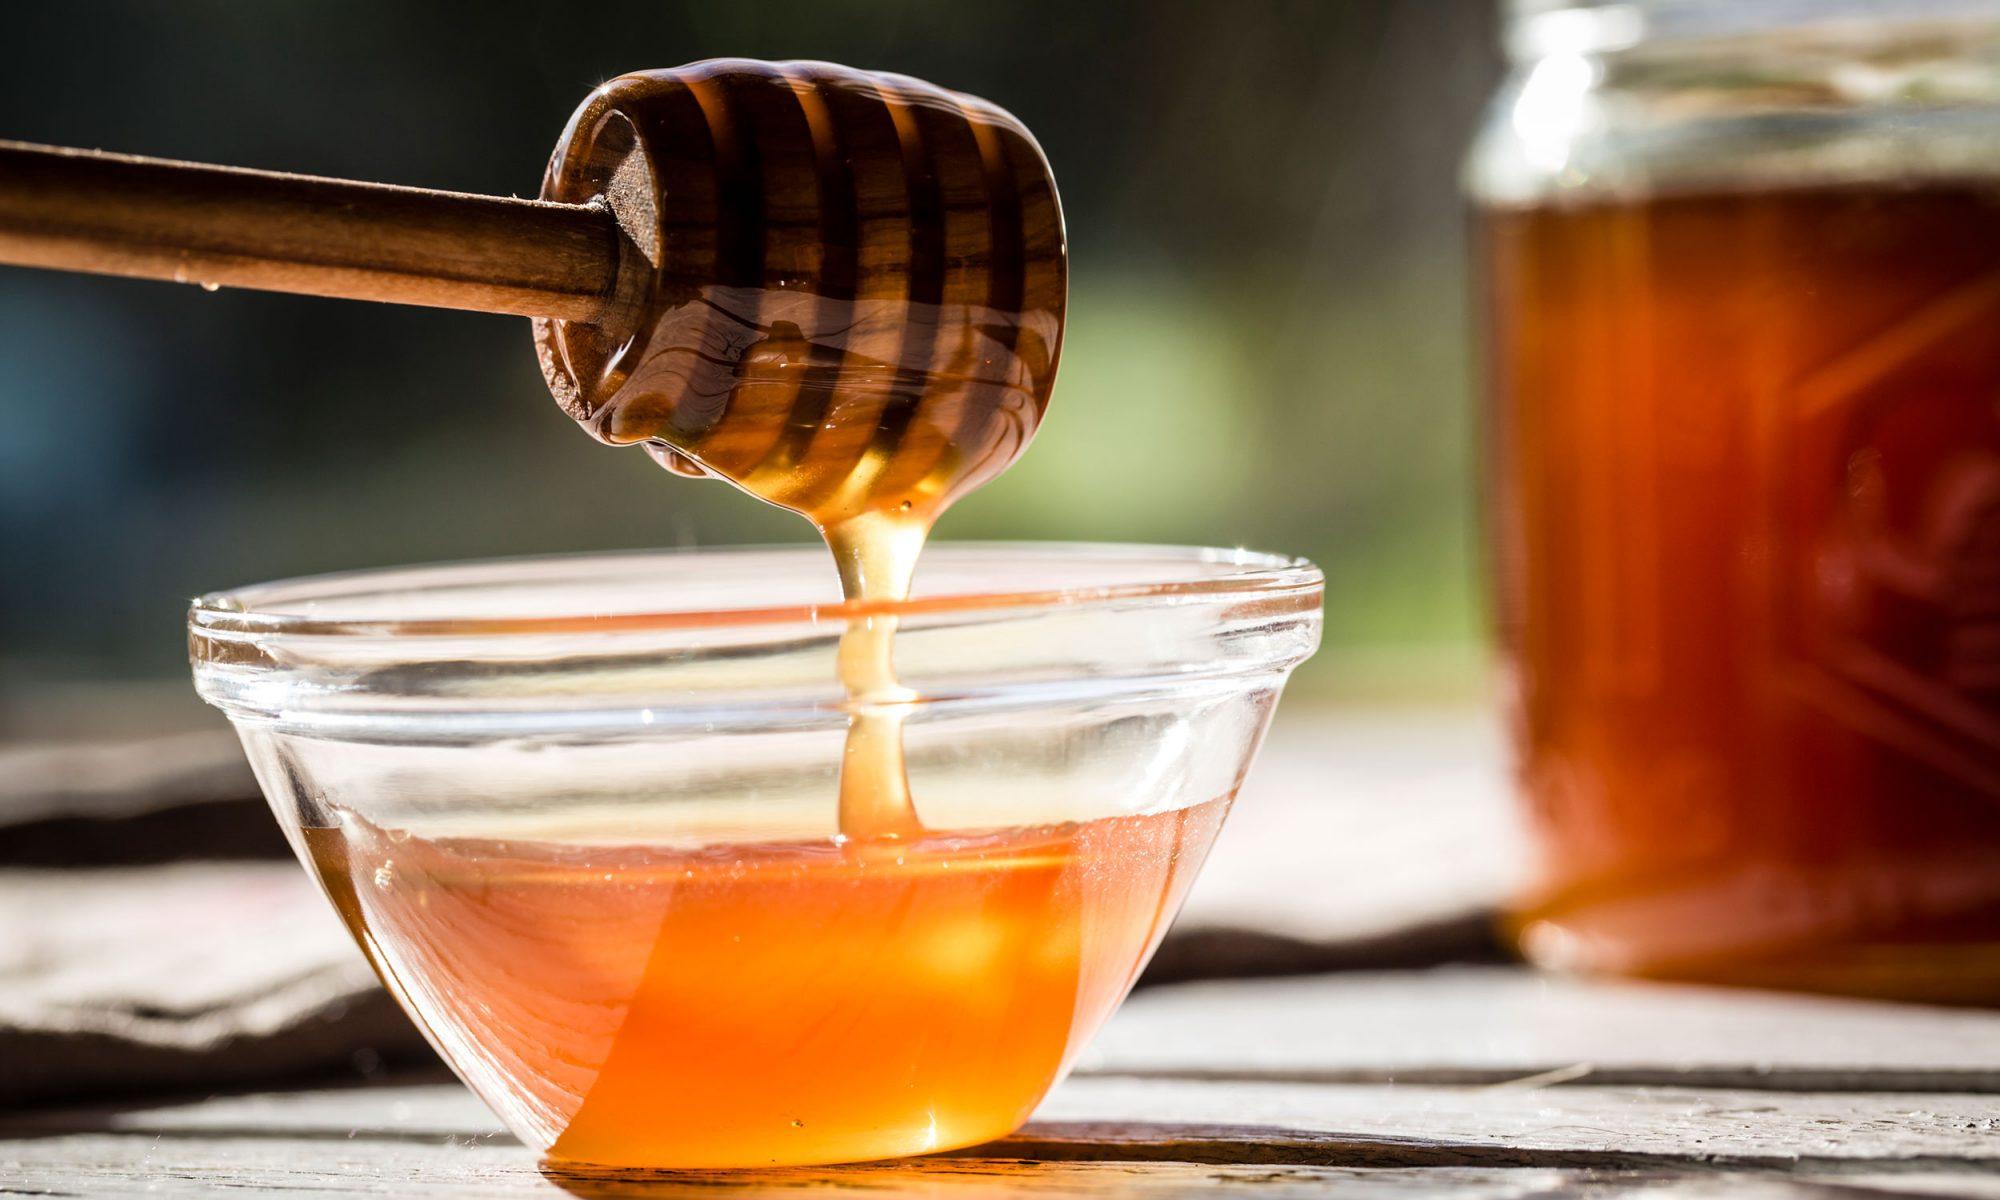 pesticides found in honey